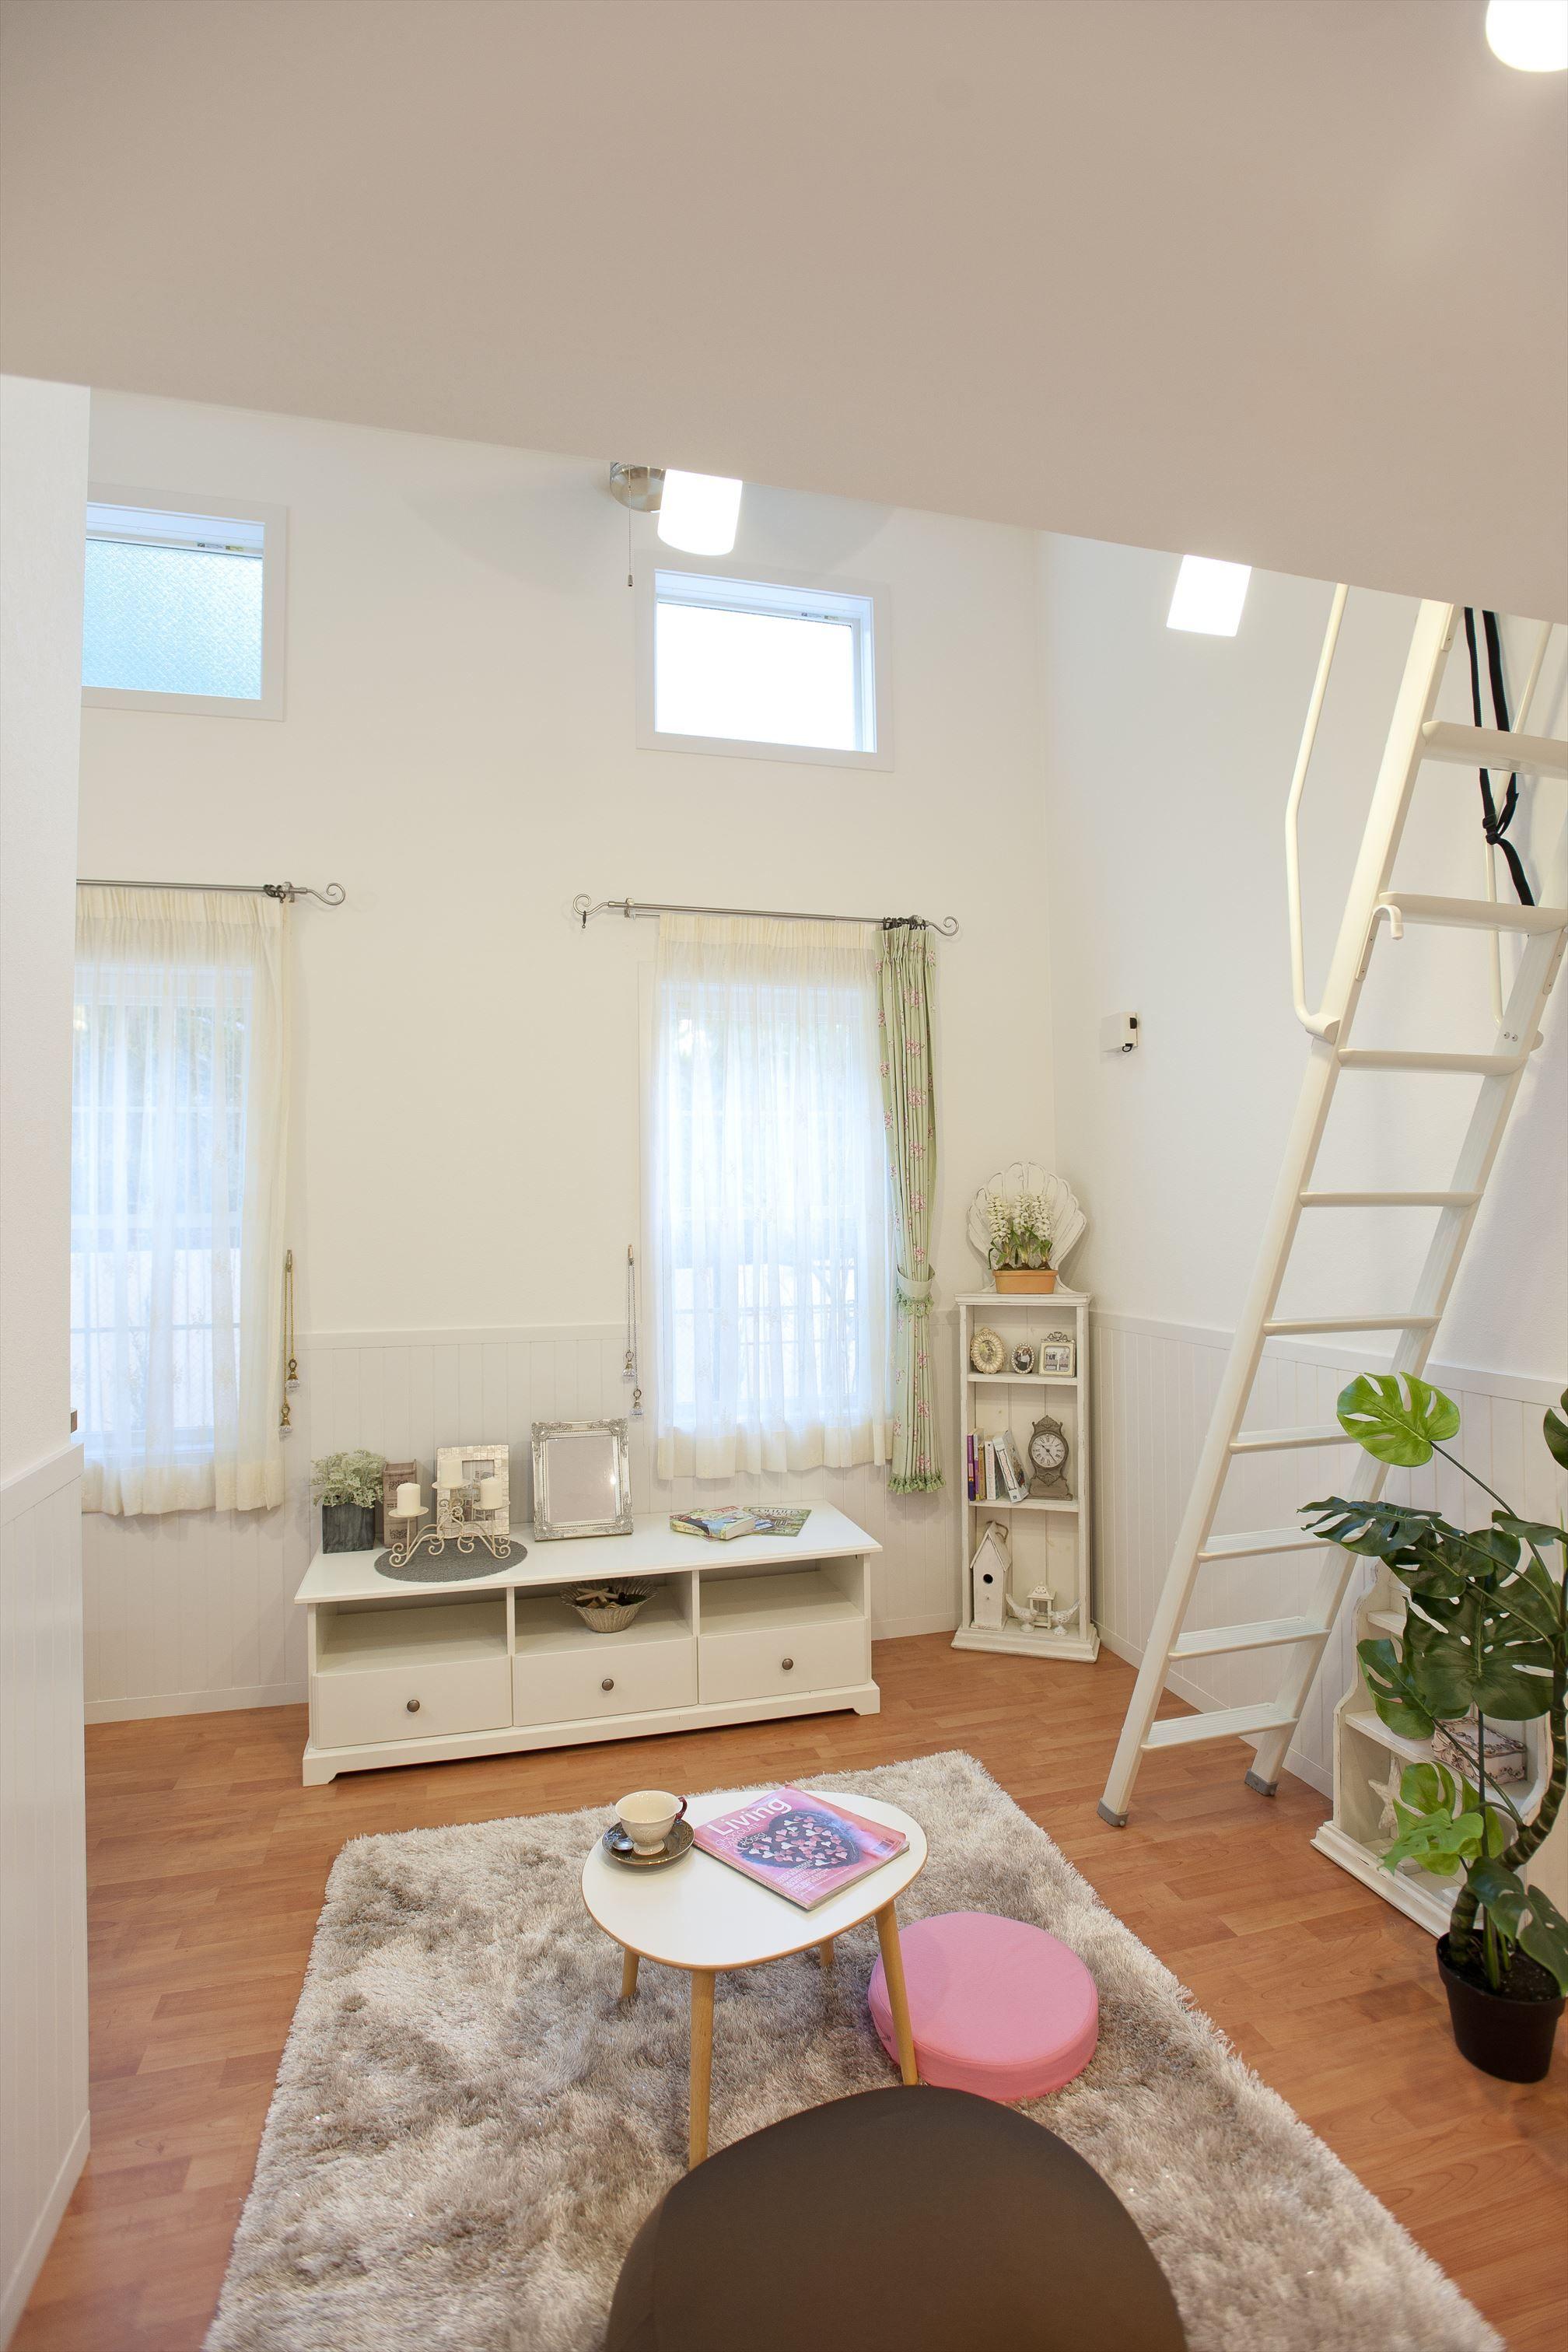 天井高3 6mあるので採光窓を採用し 光を取り入れお部屋を明るくさせ